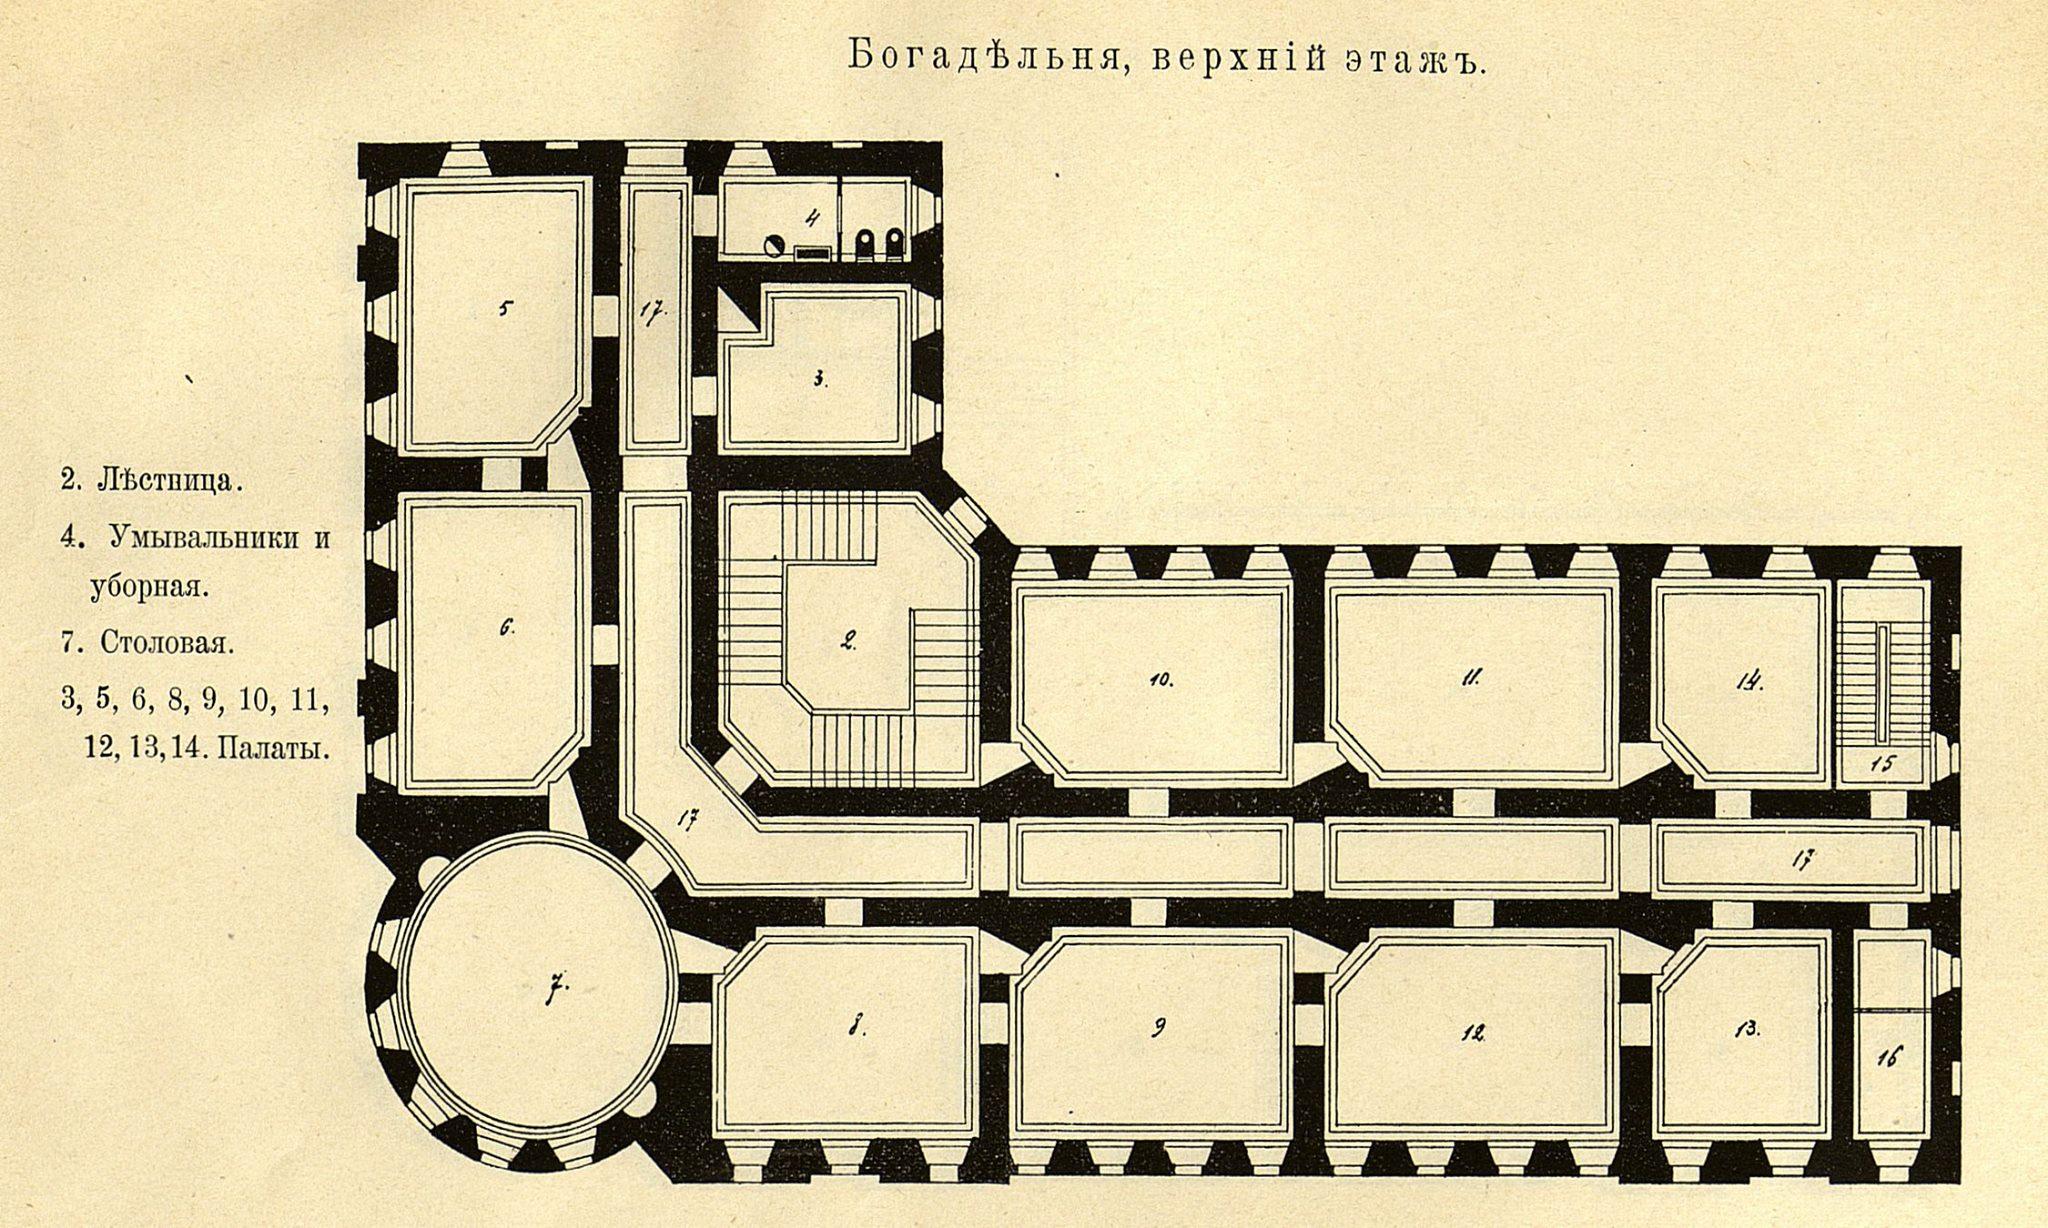 32. Богадельня. Верхний этаж